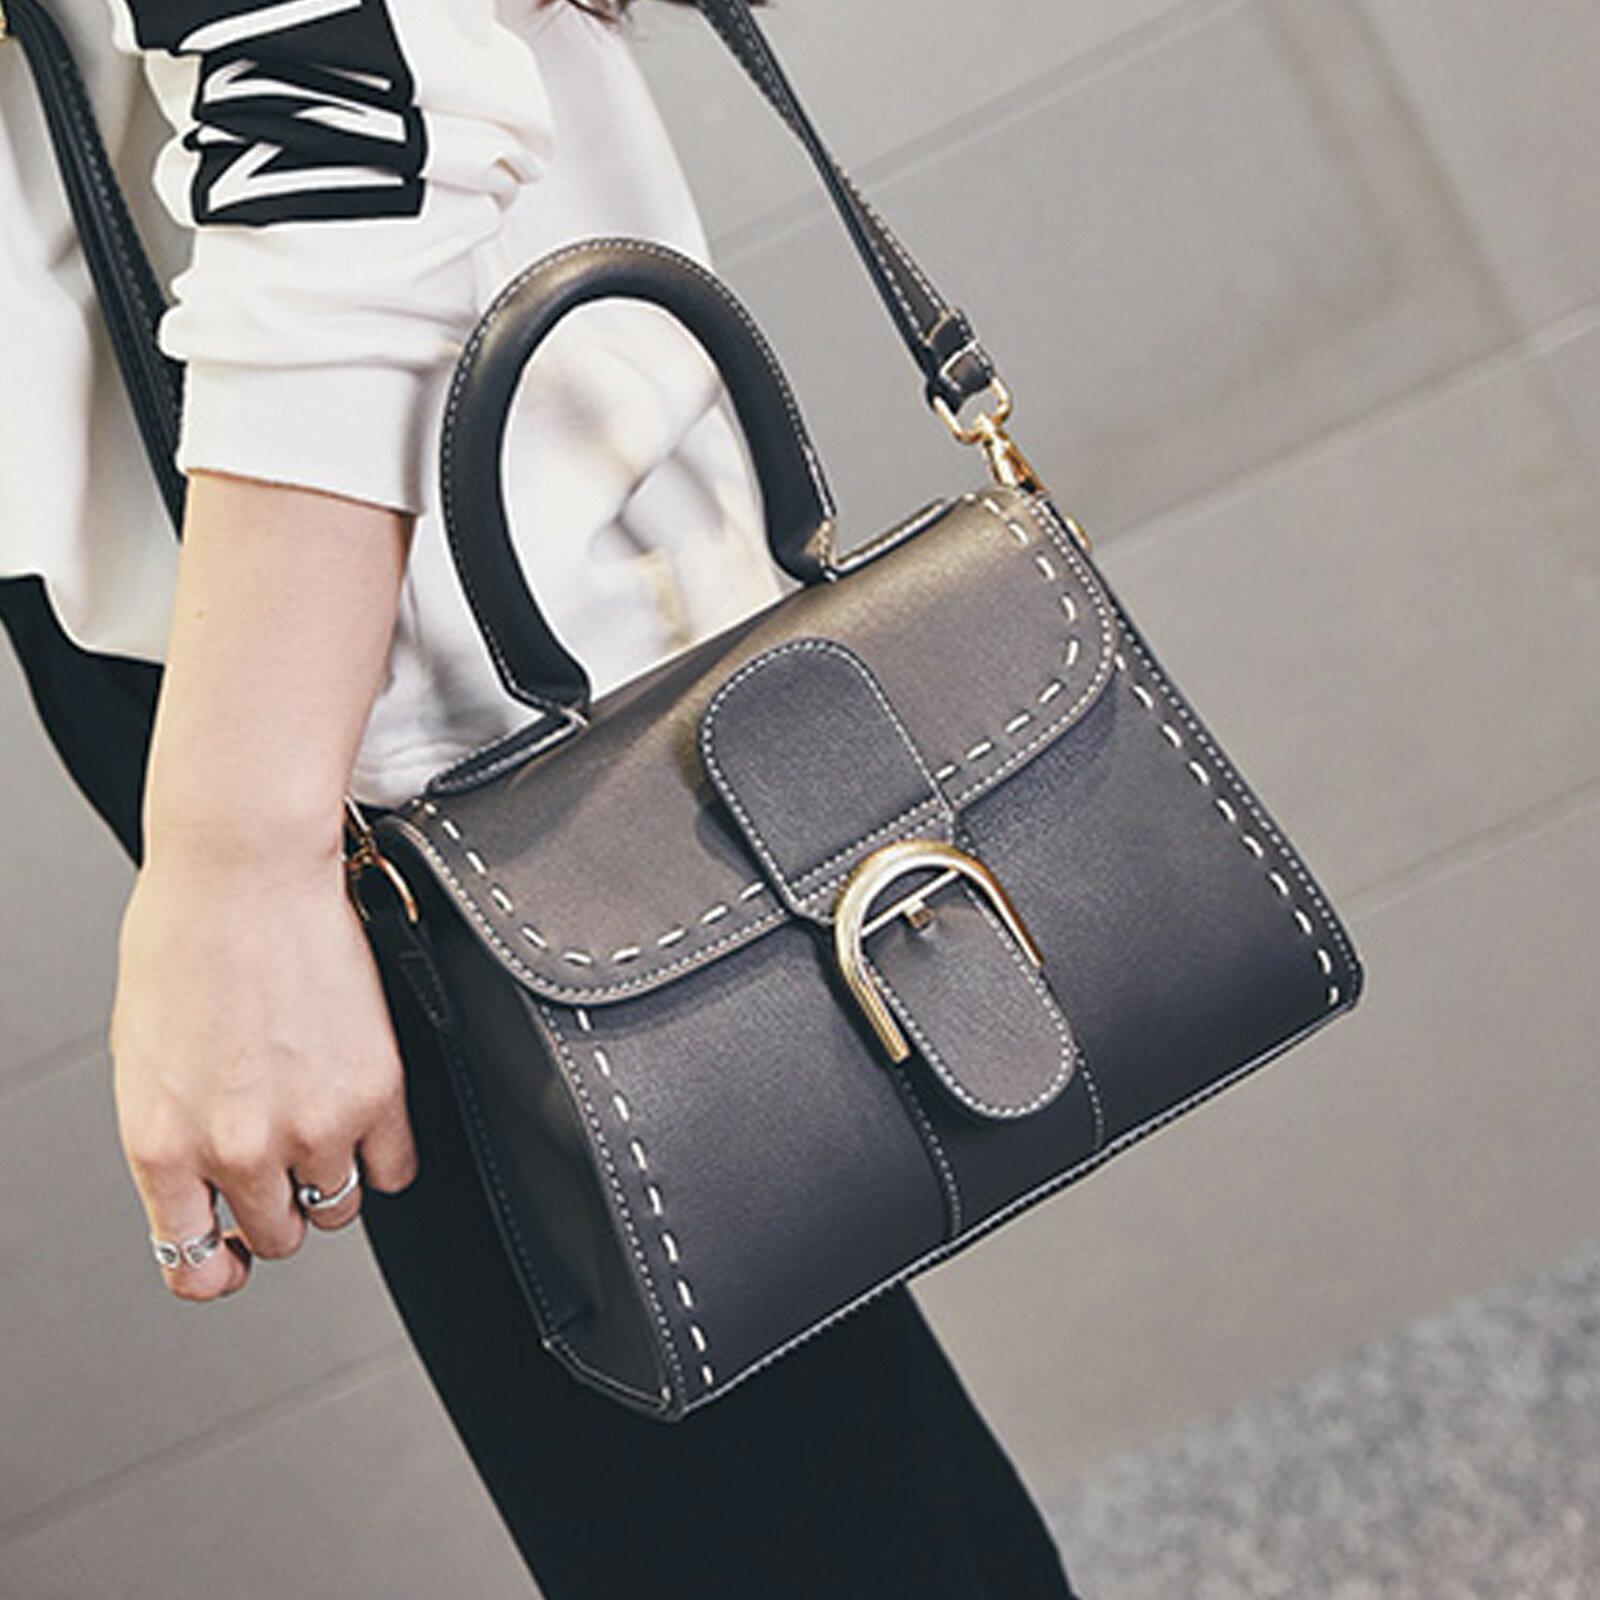 手提包 韓版時尚扣環小方包側背包【O3153】☆雙兒網☆ 4